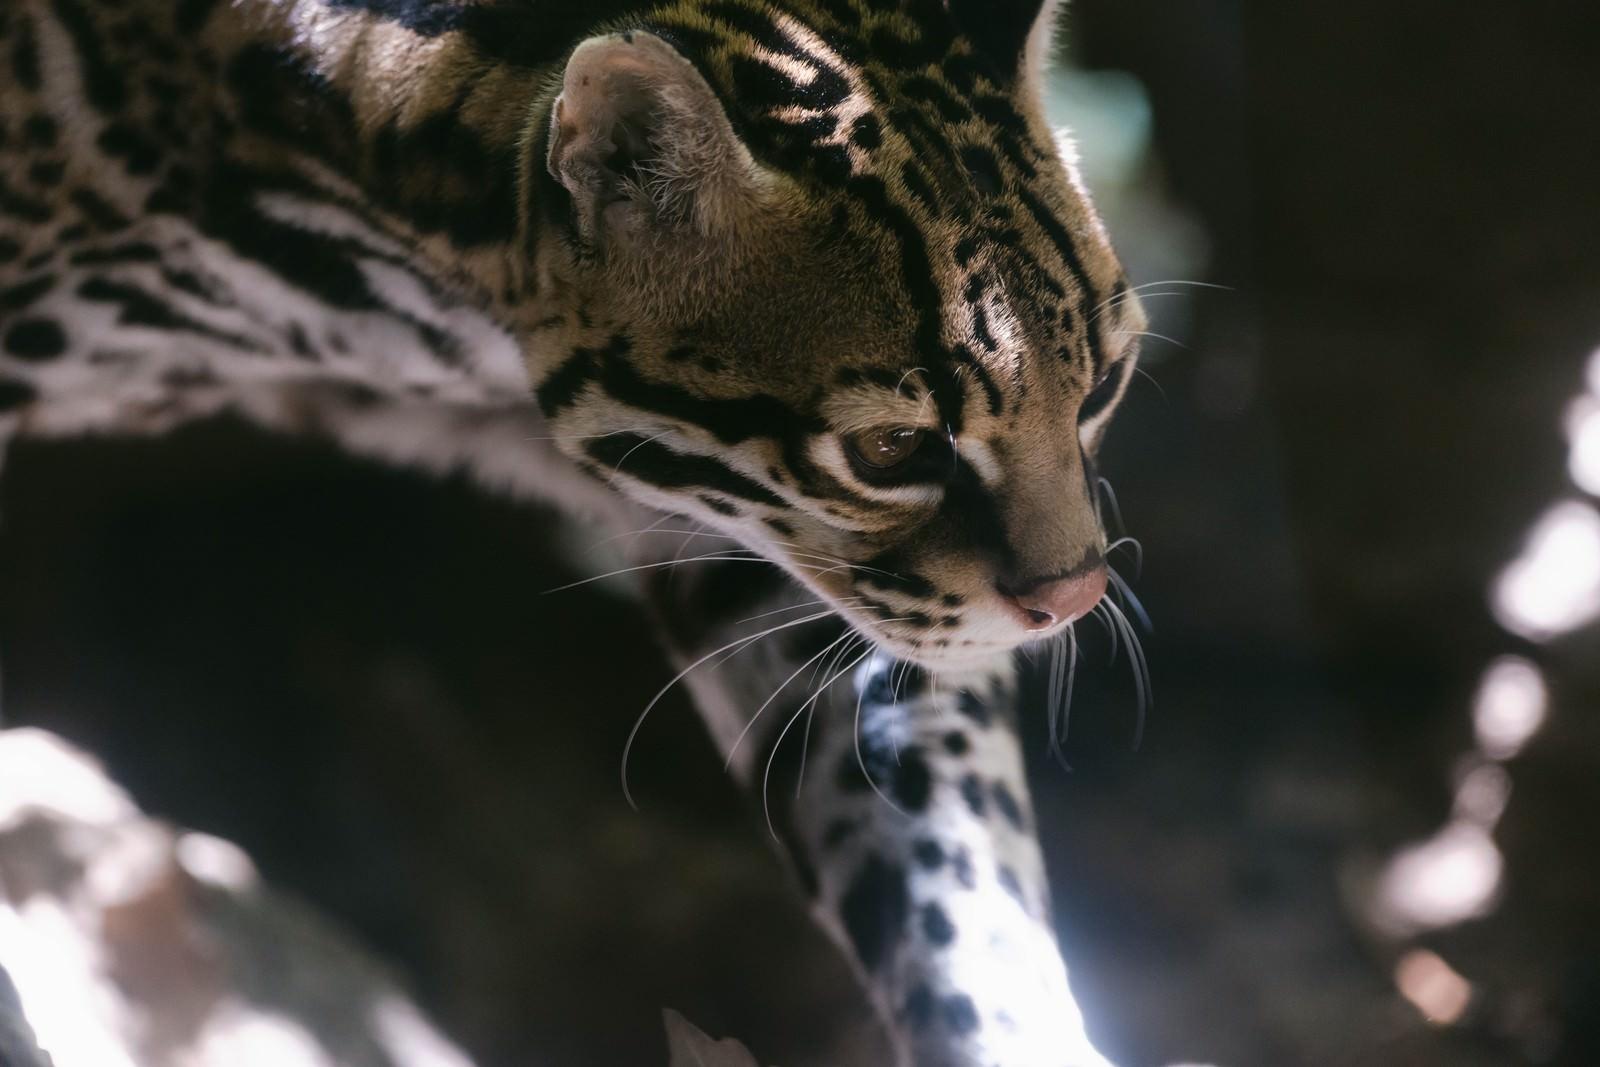 「しなやかななオセロット(猫)しなやかななオセロット(猫)」のフリー写真素材を拡大